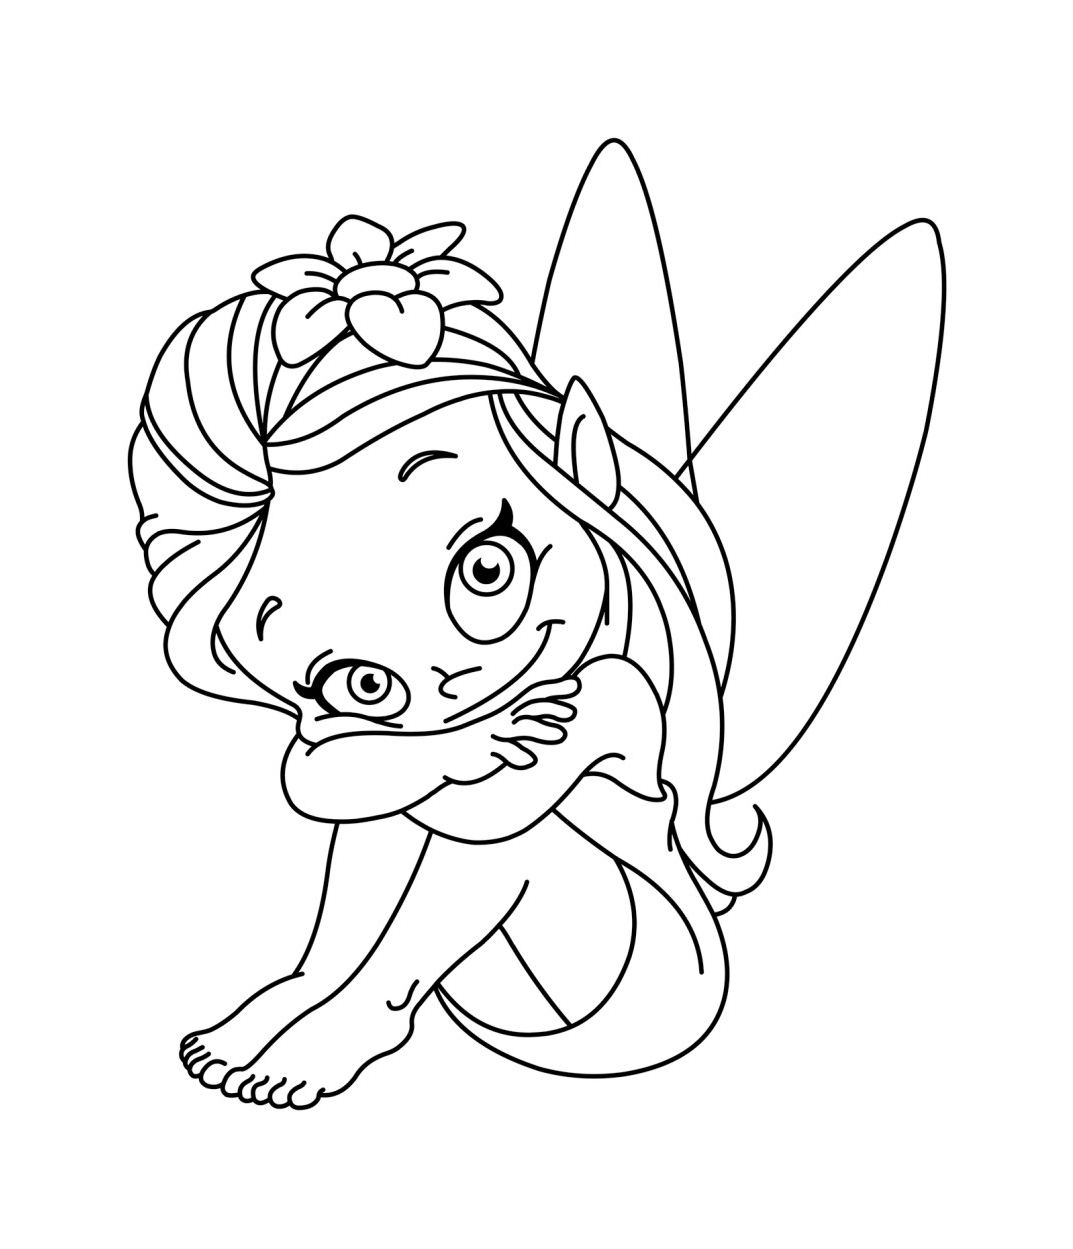 Petite fee coloriage de f es coloriages pour enfants - Dessin de fee ...